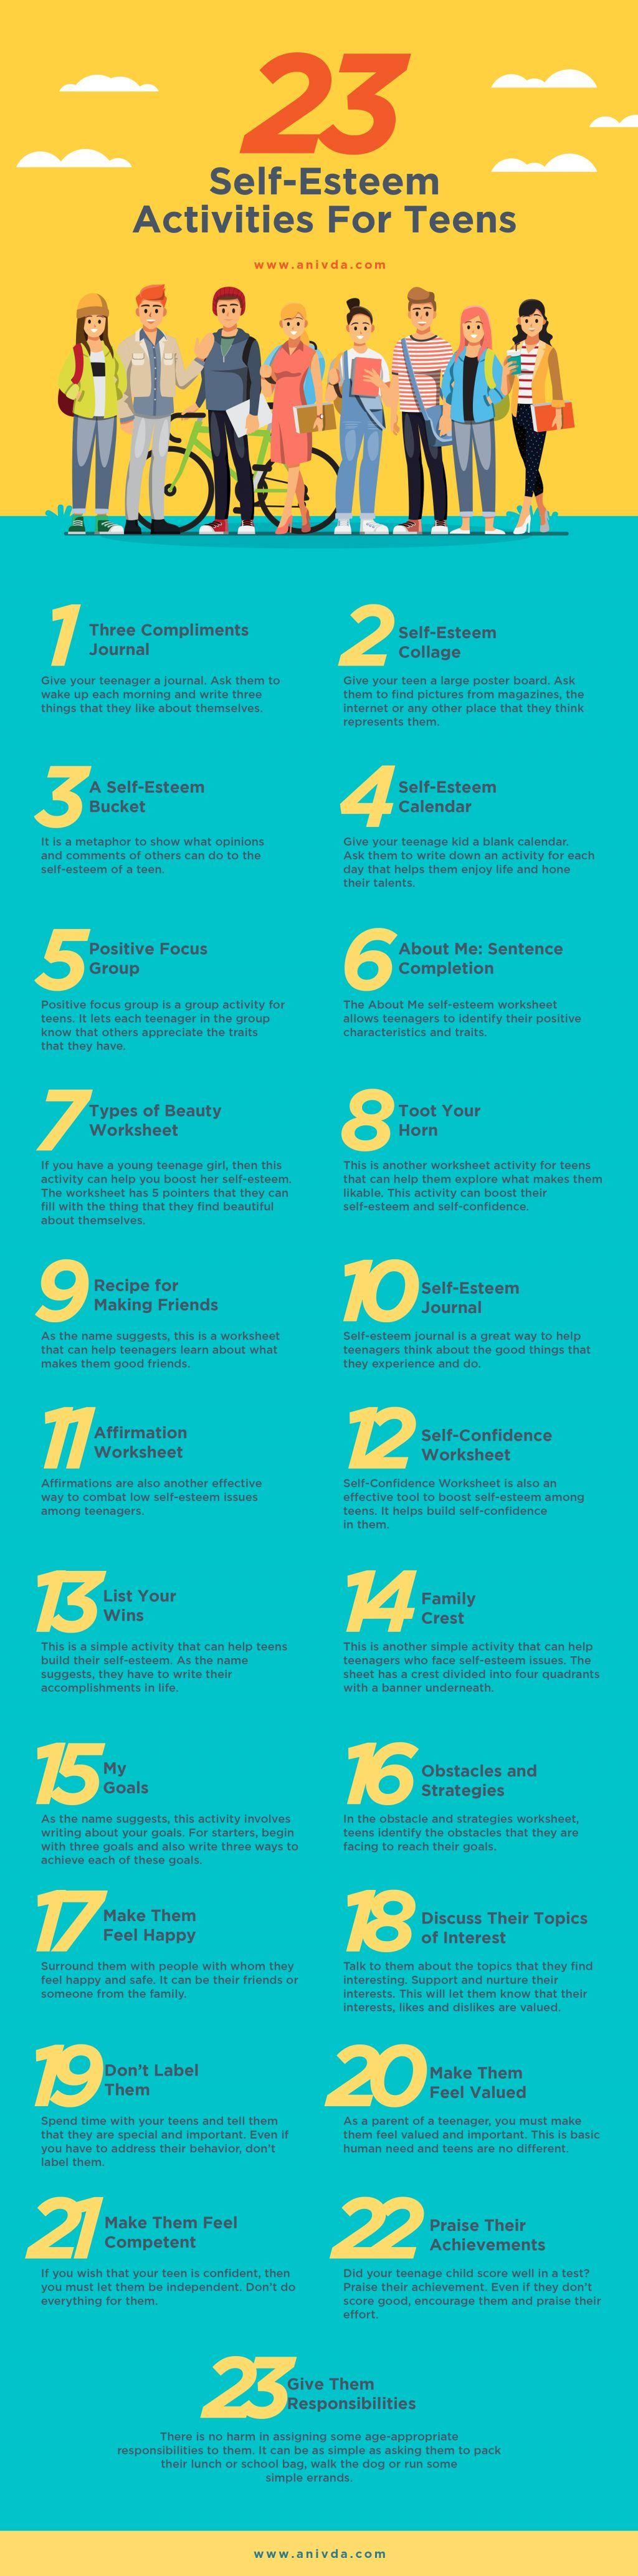 23 Self Esteem Activities For Teens